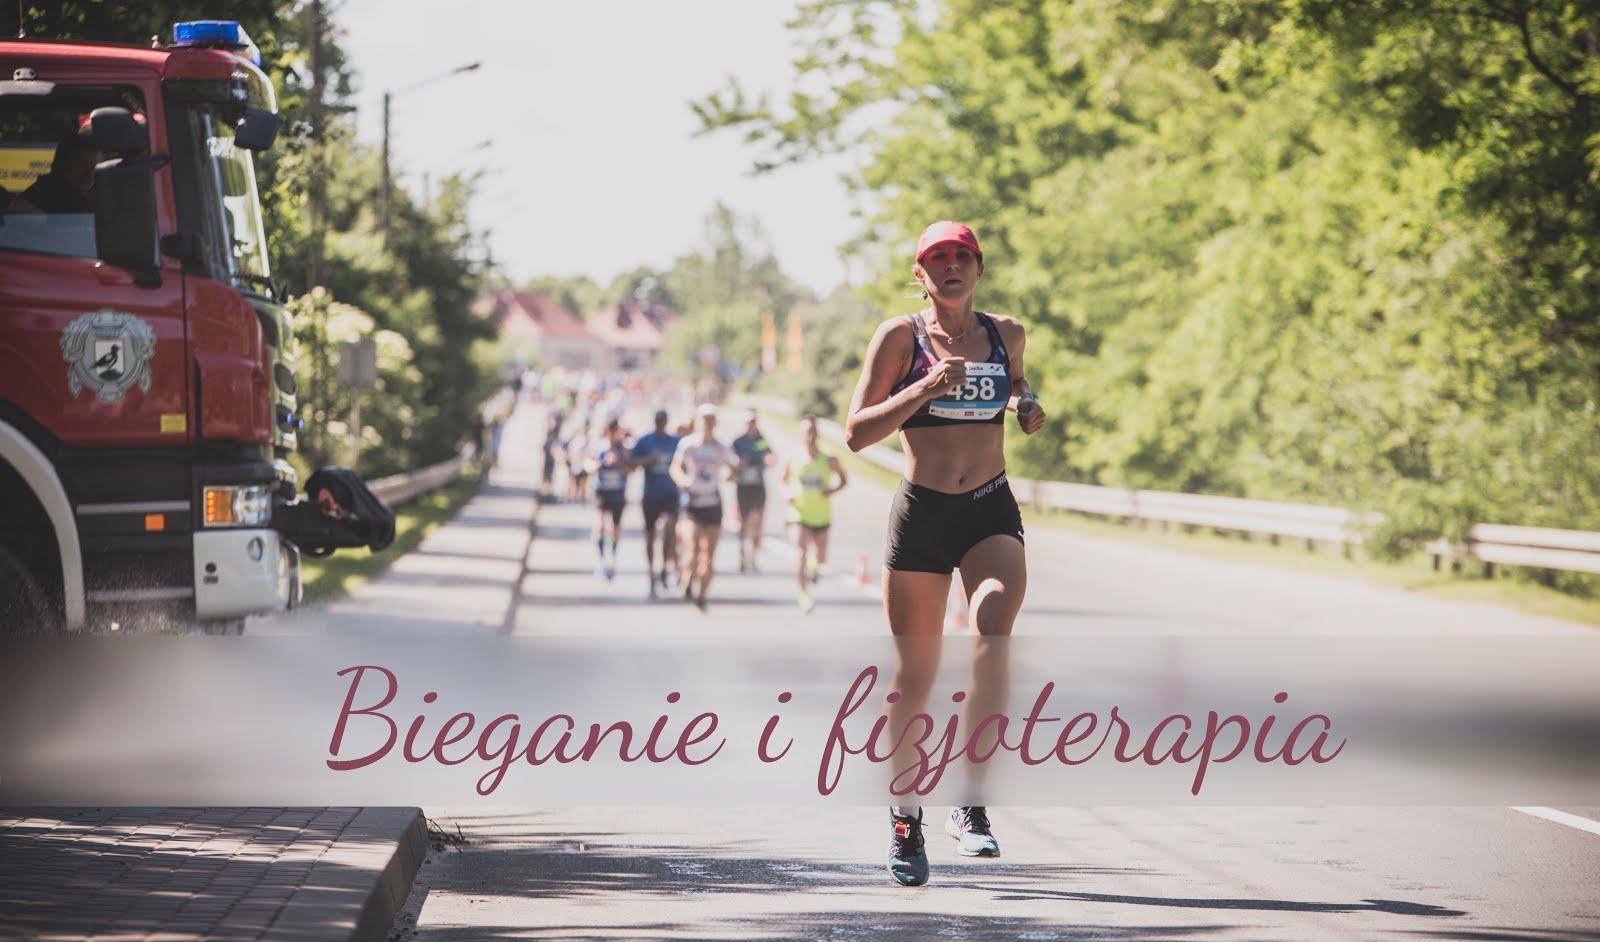 Bieganie i fizjoterapia